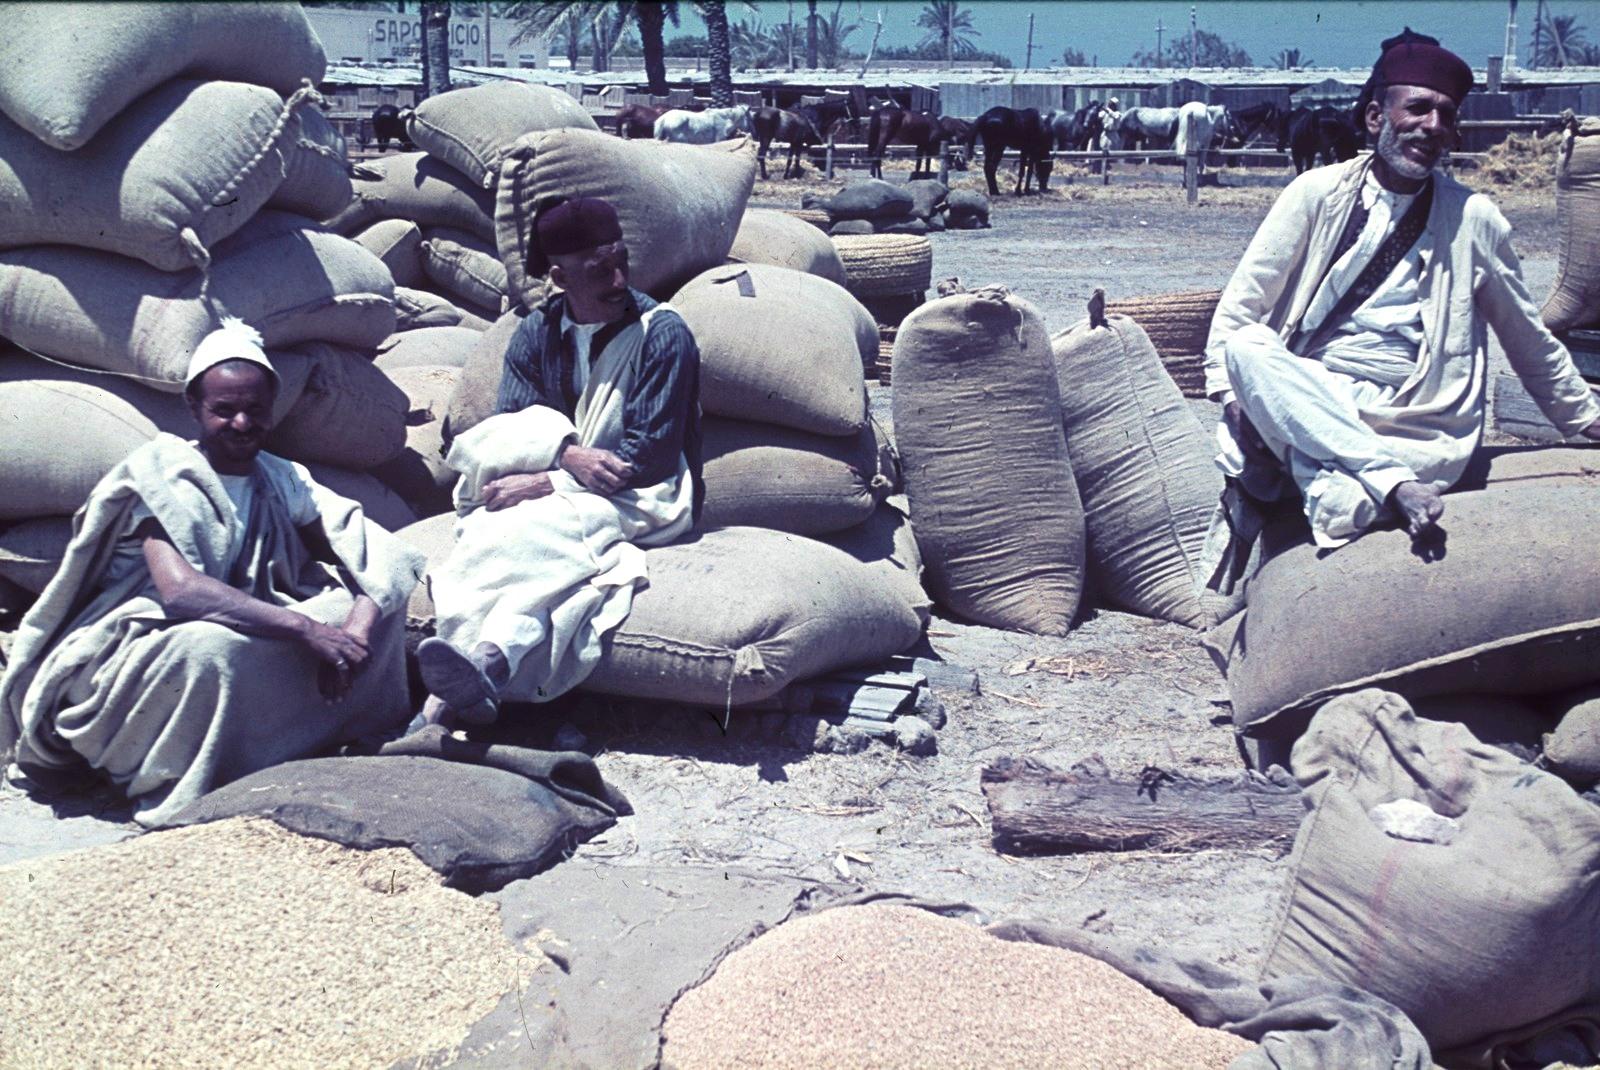 Триполи. Грузчики перед заполненными мешками во время перерыва